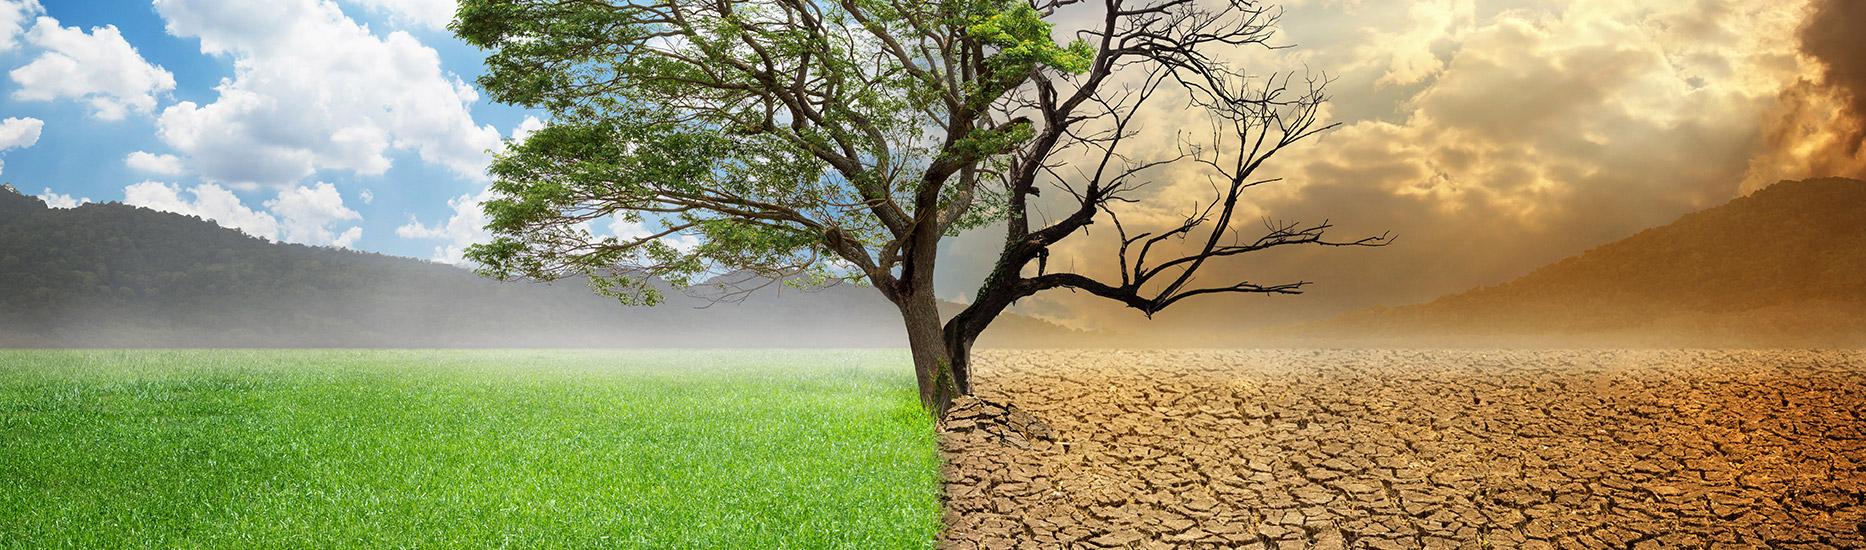 Globale Erwärmung? – Kaum bekannte Fakten zeigen Hintergründe auf